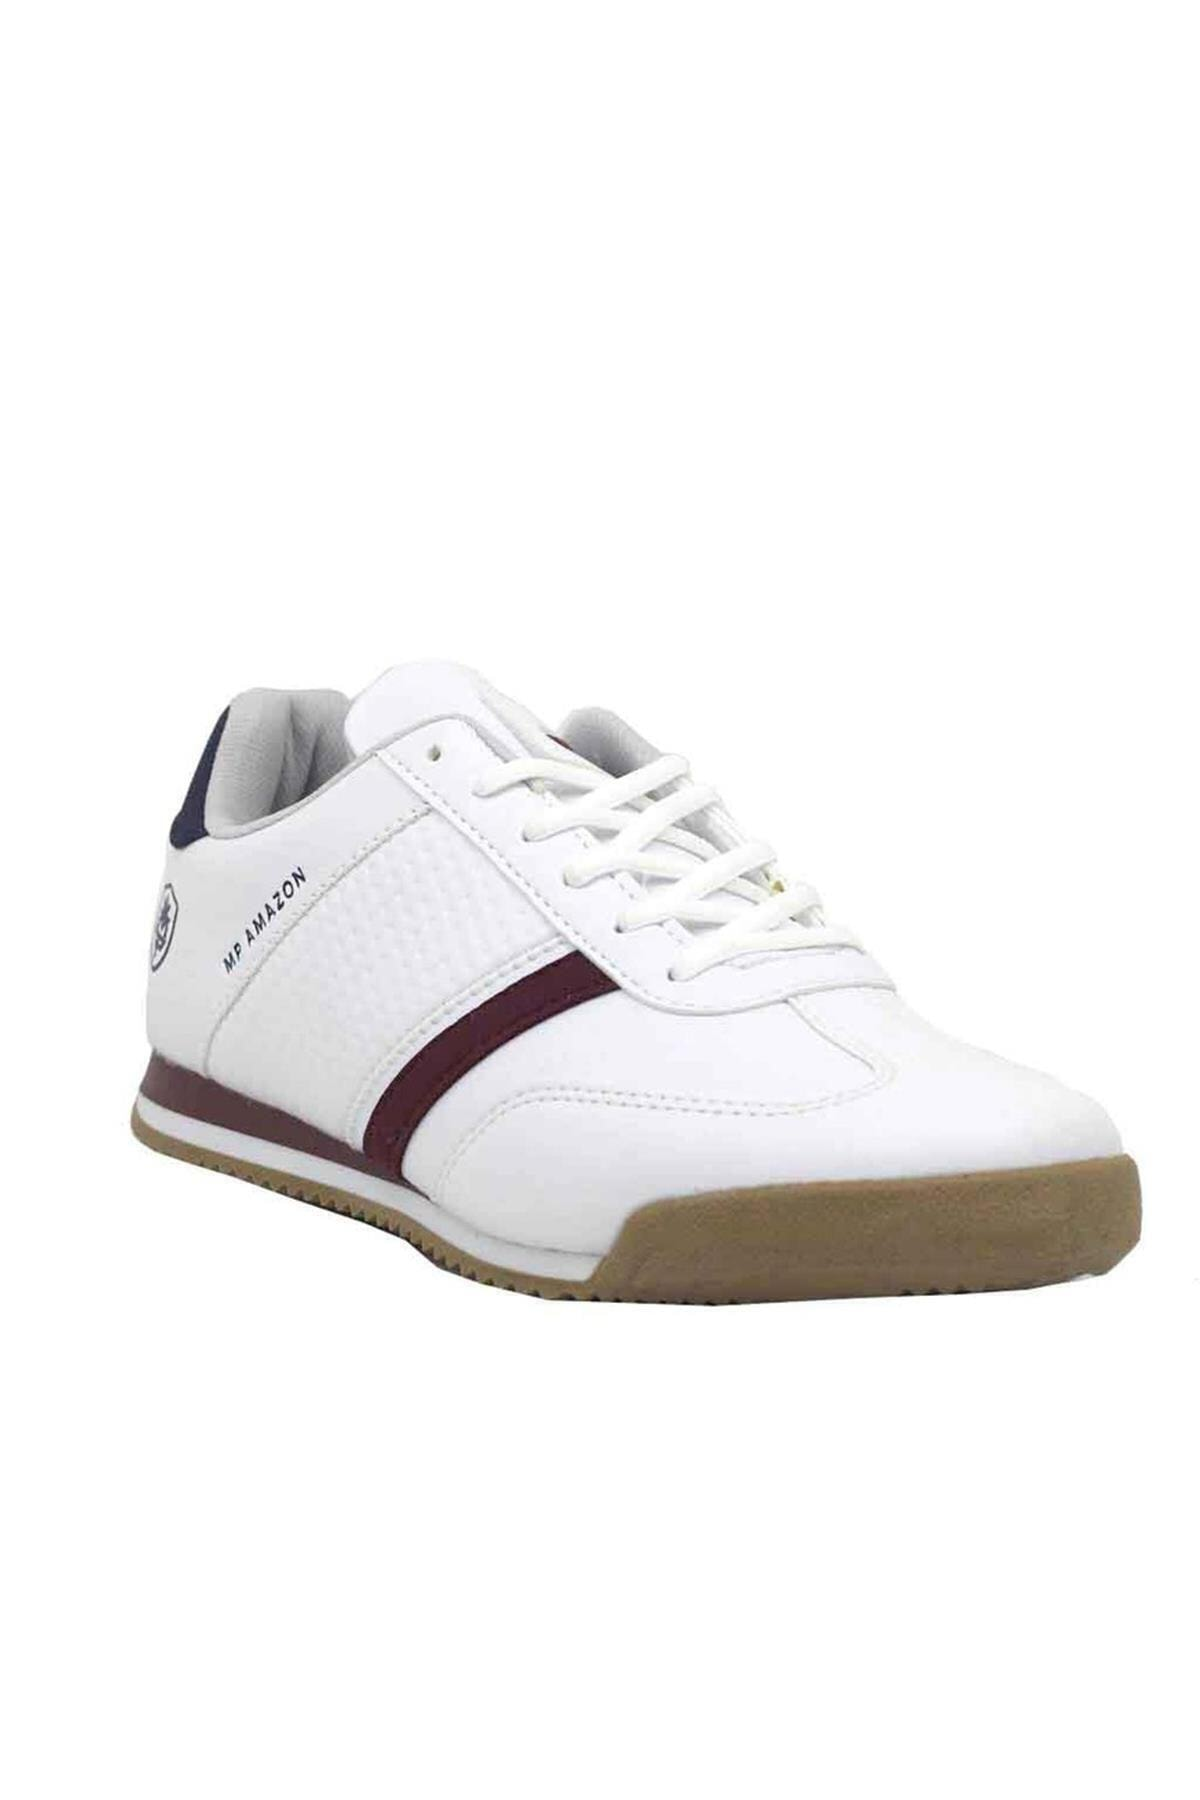 فروش اینترنتی کفش مخصوص پیاده روی مردانه با قیمت برند MP کد ty35838202